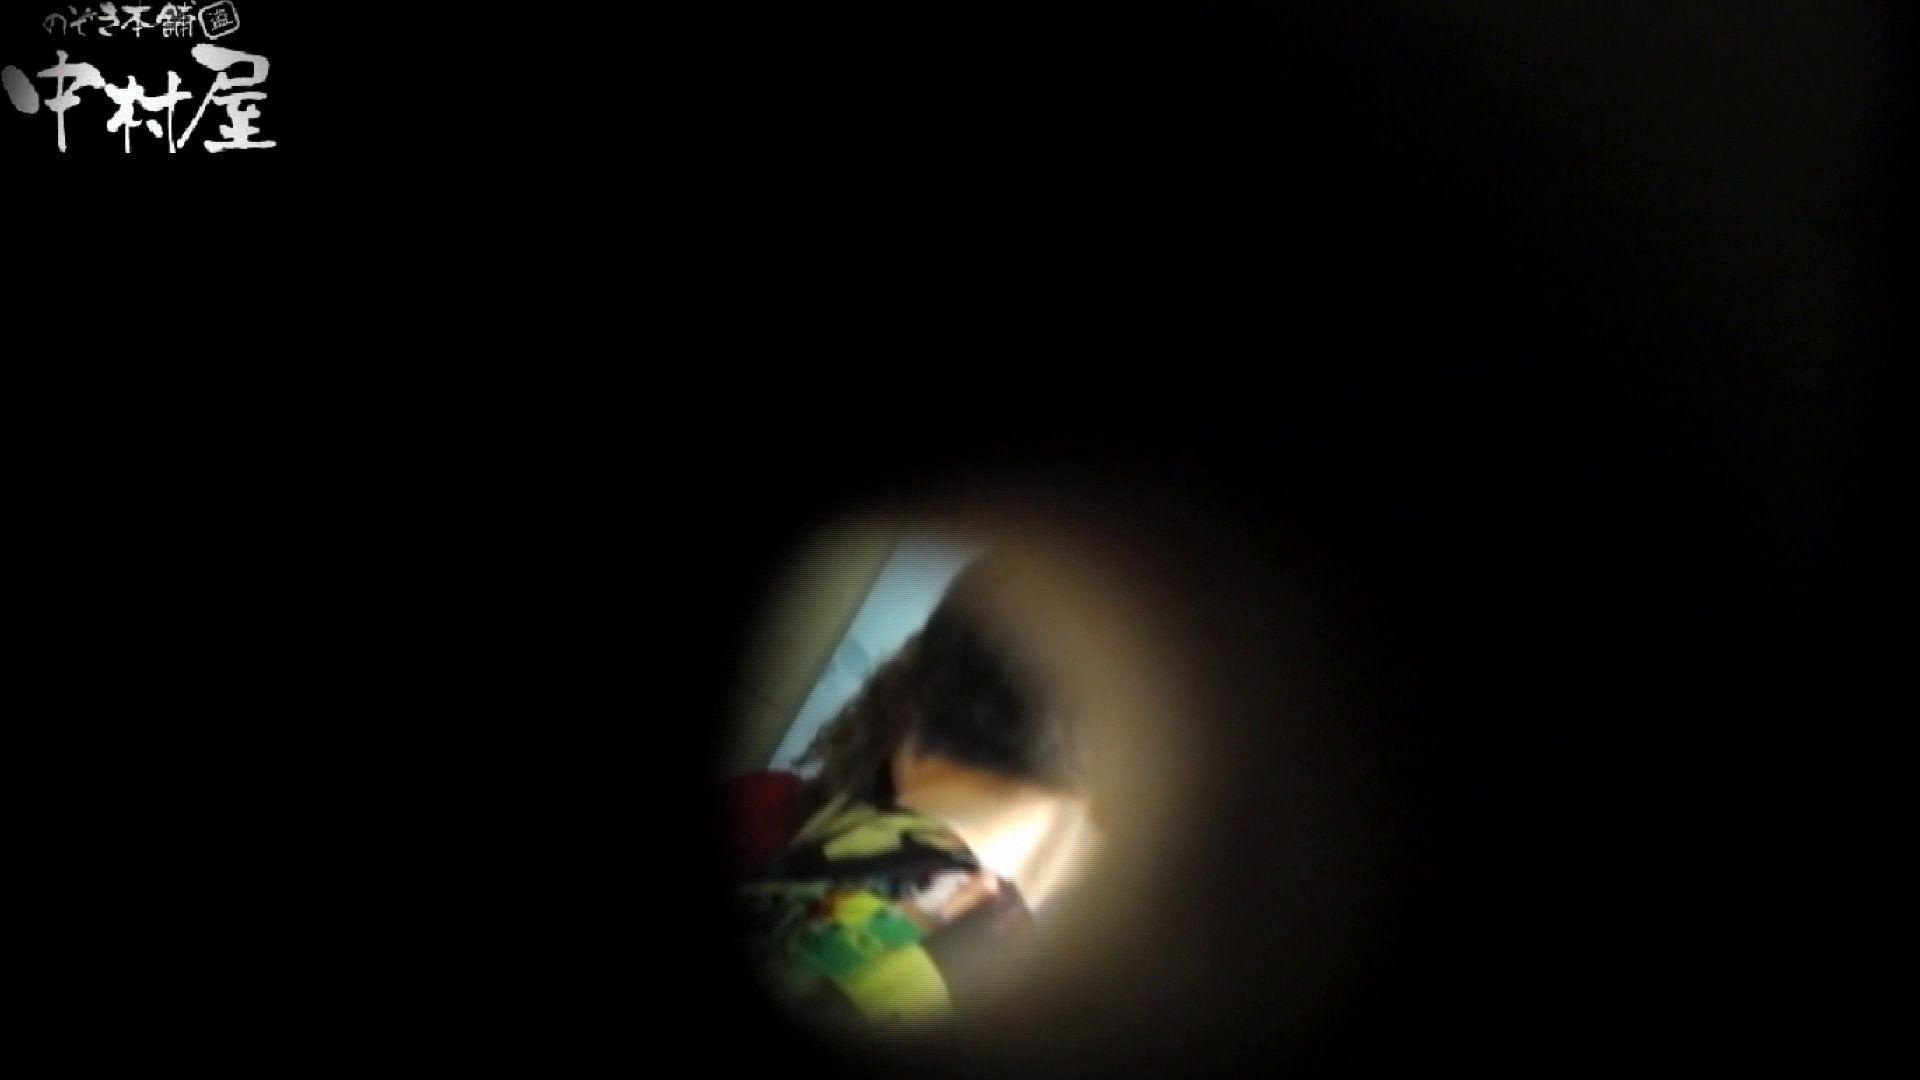 世界の射窓から vol.45 尻出しスマホ 後編 洗面所  60画像 24